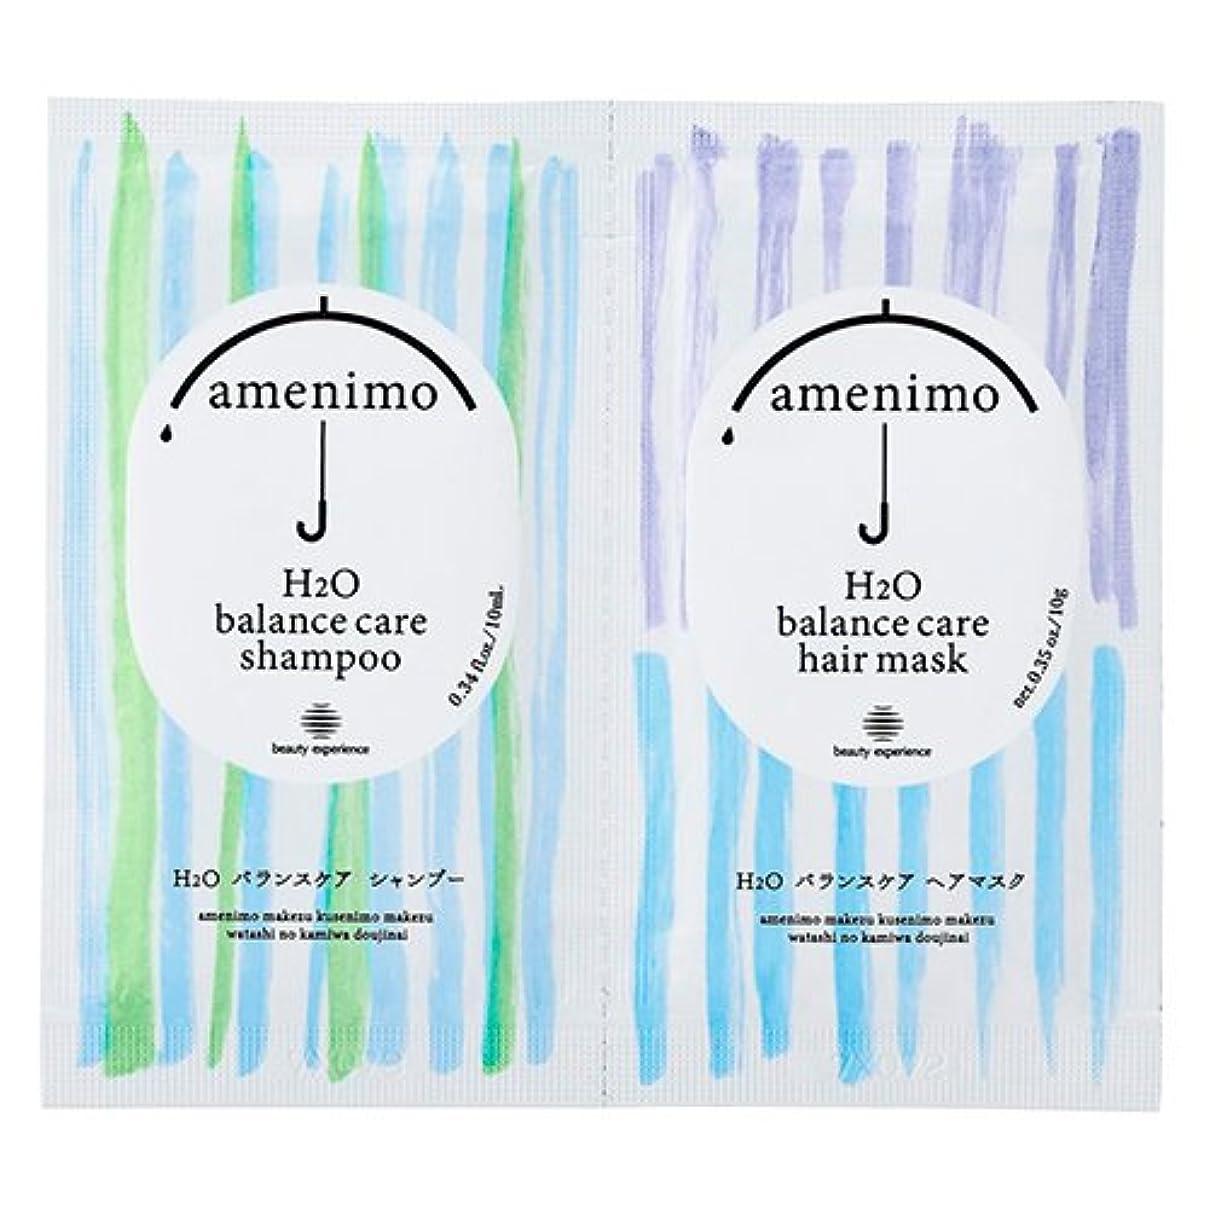 推測する前者意義amenimo(アメニモ) H2O バランスケア シャンプー&ヘアマスク 1dayお試し 10mL+10g